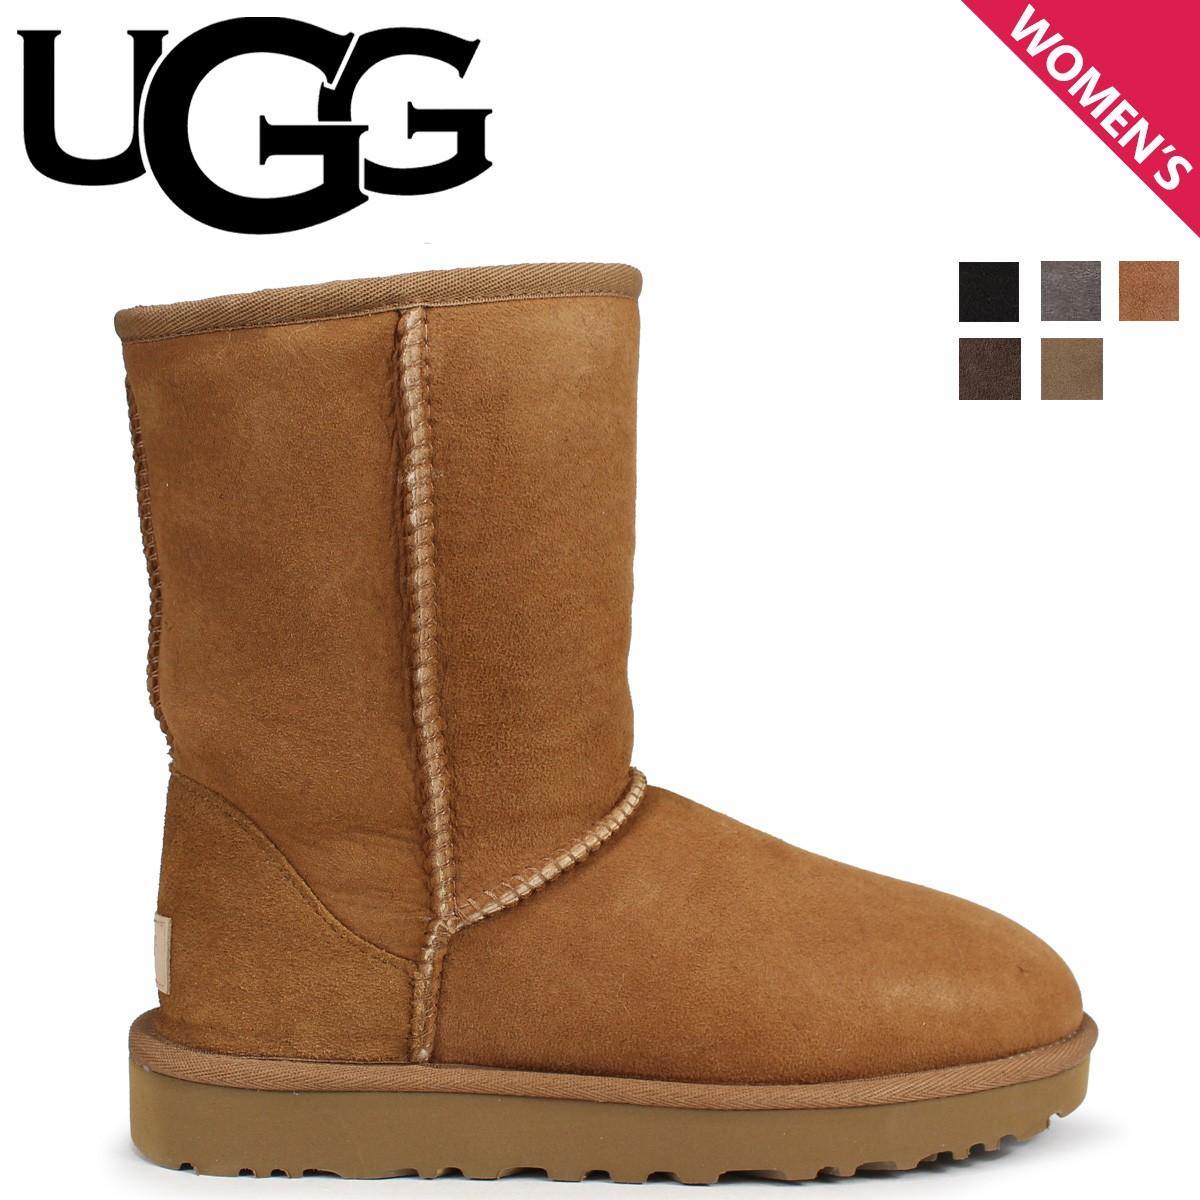 アグ UGG ムートン ブーツ クラシック ショート WOMENS CLASSIC SHORT 1016223 レディース [9/12 新入荷]